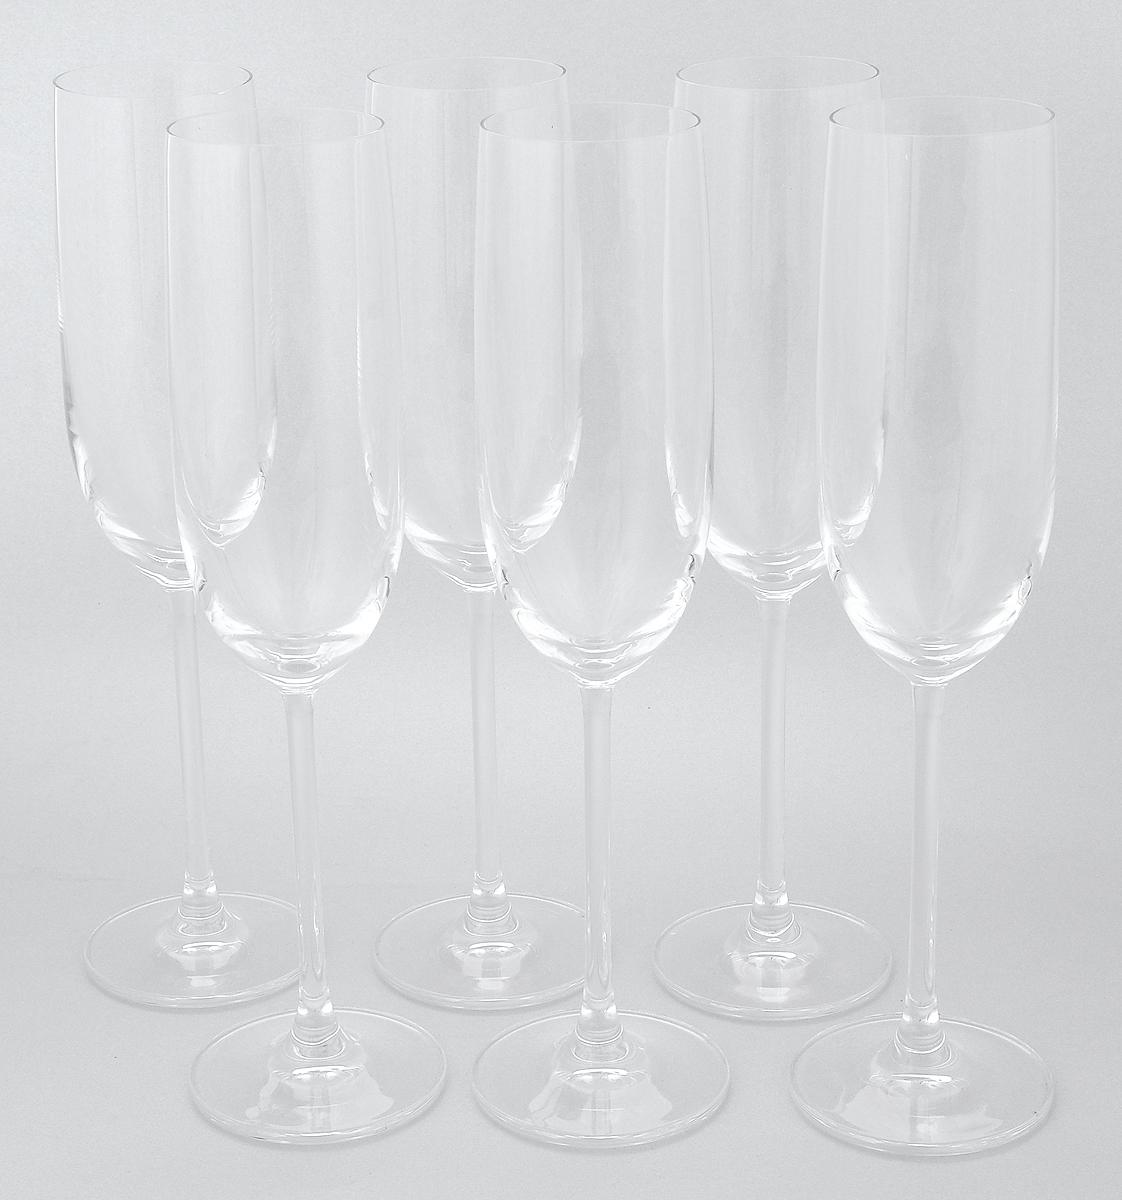 Набор бокалов Pasabahce Vintage, 220 мл, 6 шт66112NНабор Pasabahce Vintage состоит из шести бокалов, выполненных из прочного натрий-кальций-силикатного стекла. Изделия оснащены высокими ножками. Бокалы предназначены для подачи шампанского. Они сочетают в себе элегантный дизайн и функциональность. Благодаря такому набору пить напитки будет еще вкуснее. Набор фужеров Pasabahce Vintage прекрасно оформит праздничный стол и создаст приятную атмосферу за романтическим ужином. Такой набор также станет хорошим подарком к любому случаю. Можно мыть в посудомоечной машине и использовать в холодильнике. Диаметр фужера (по верхнему краю): 4,8 см. Высота фужера: 24,2 см.